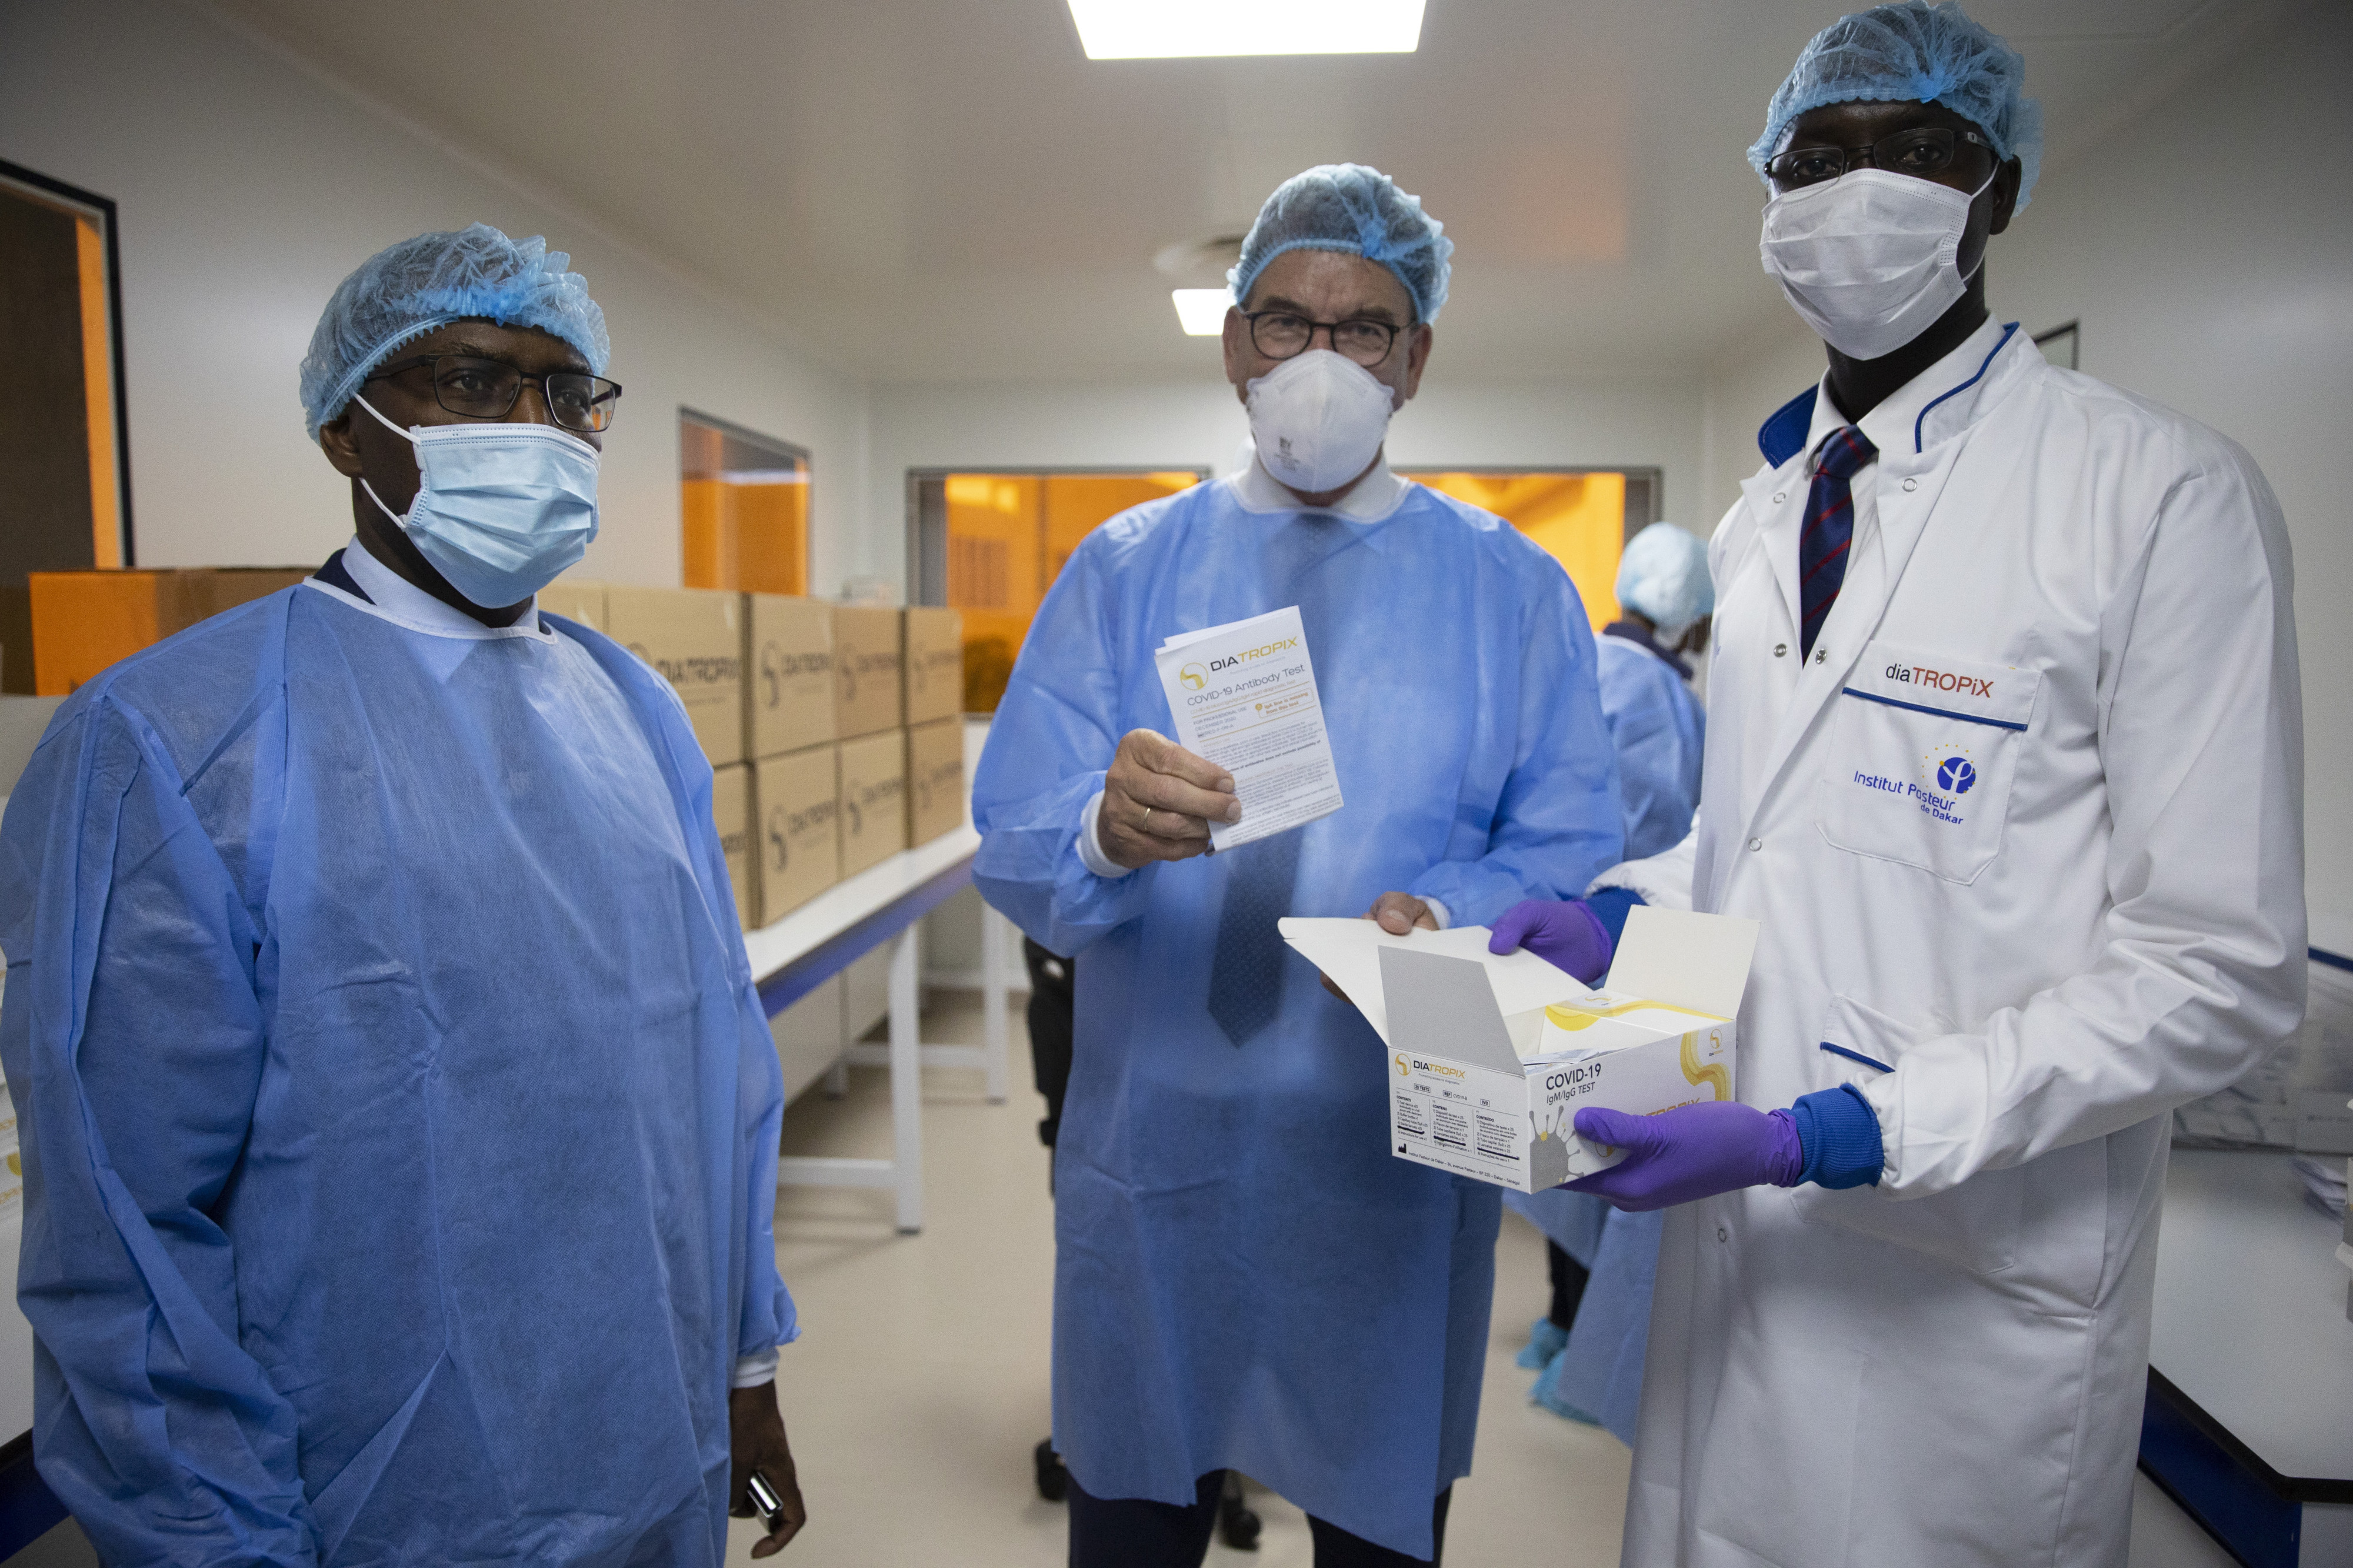 Bundesentwicklungsminister Gerd Müller hat am 17. Juni 2021 das Institut Pasteur de Dakar besucht, umGespräche über eine künftige Produktion von Corona-Impfstoffen zu führen.